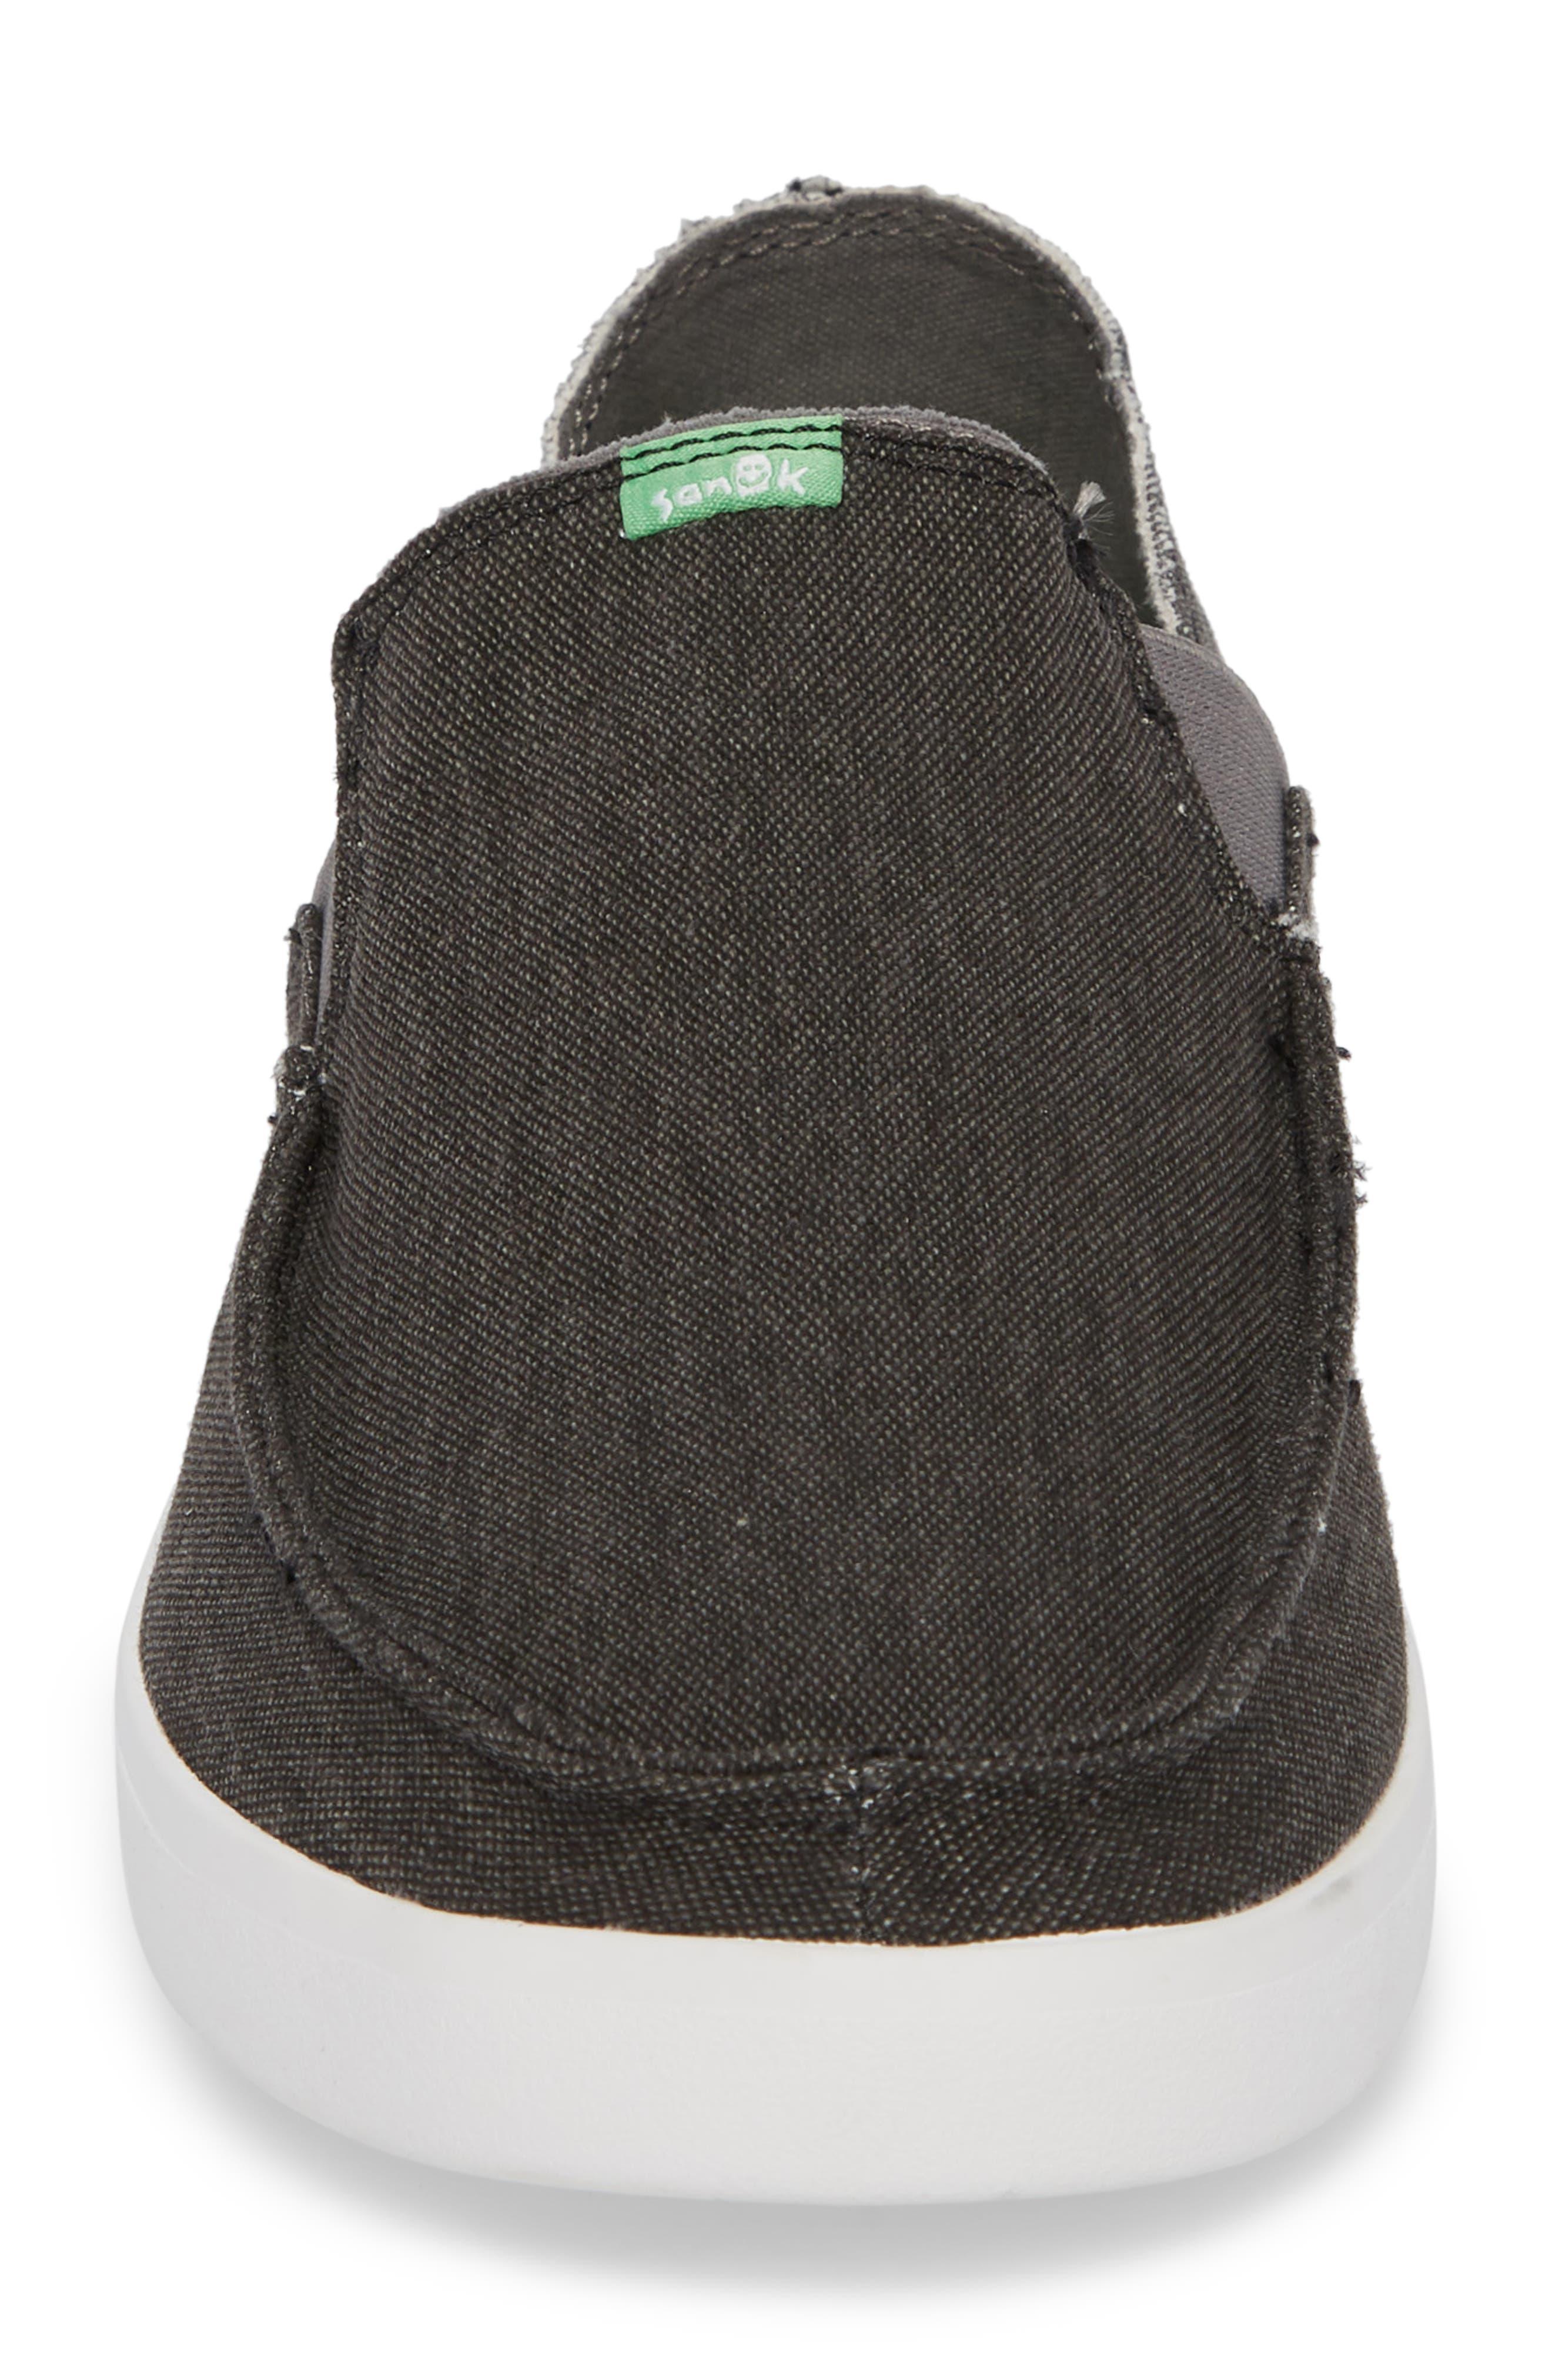 Pickpocket Slip-On Sneaker,                             Alternate thumbnail 4, color,                             BLACK